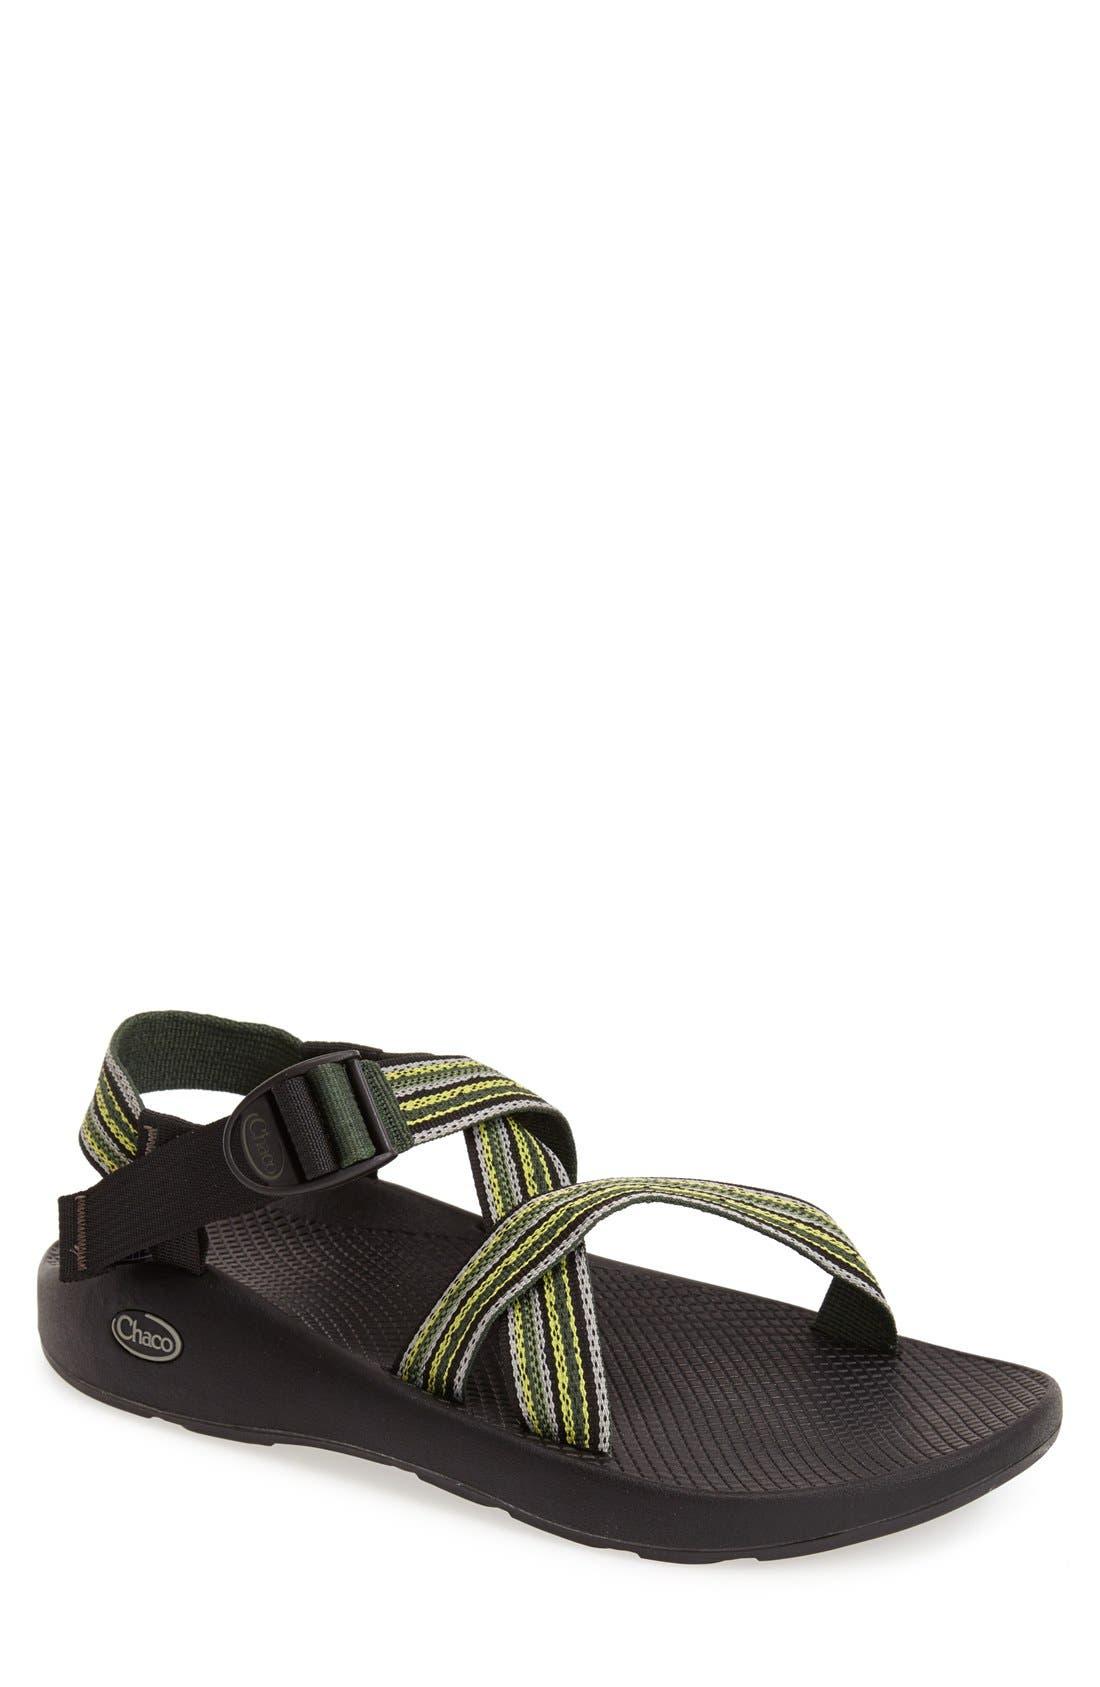 Main Image - Chaco 'Z/1 Yampa' Sandal (Men)